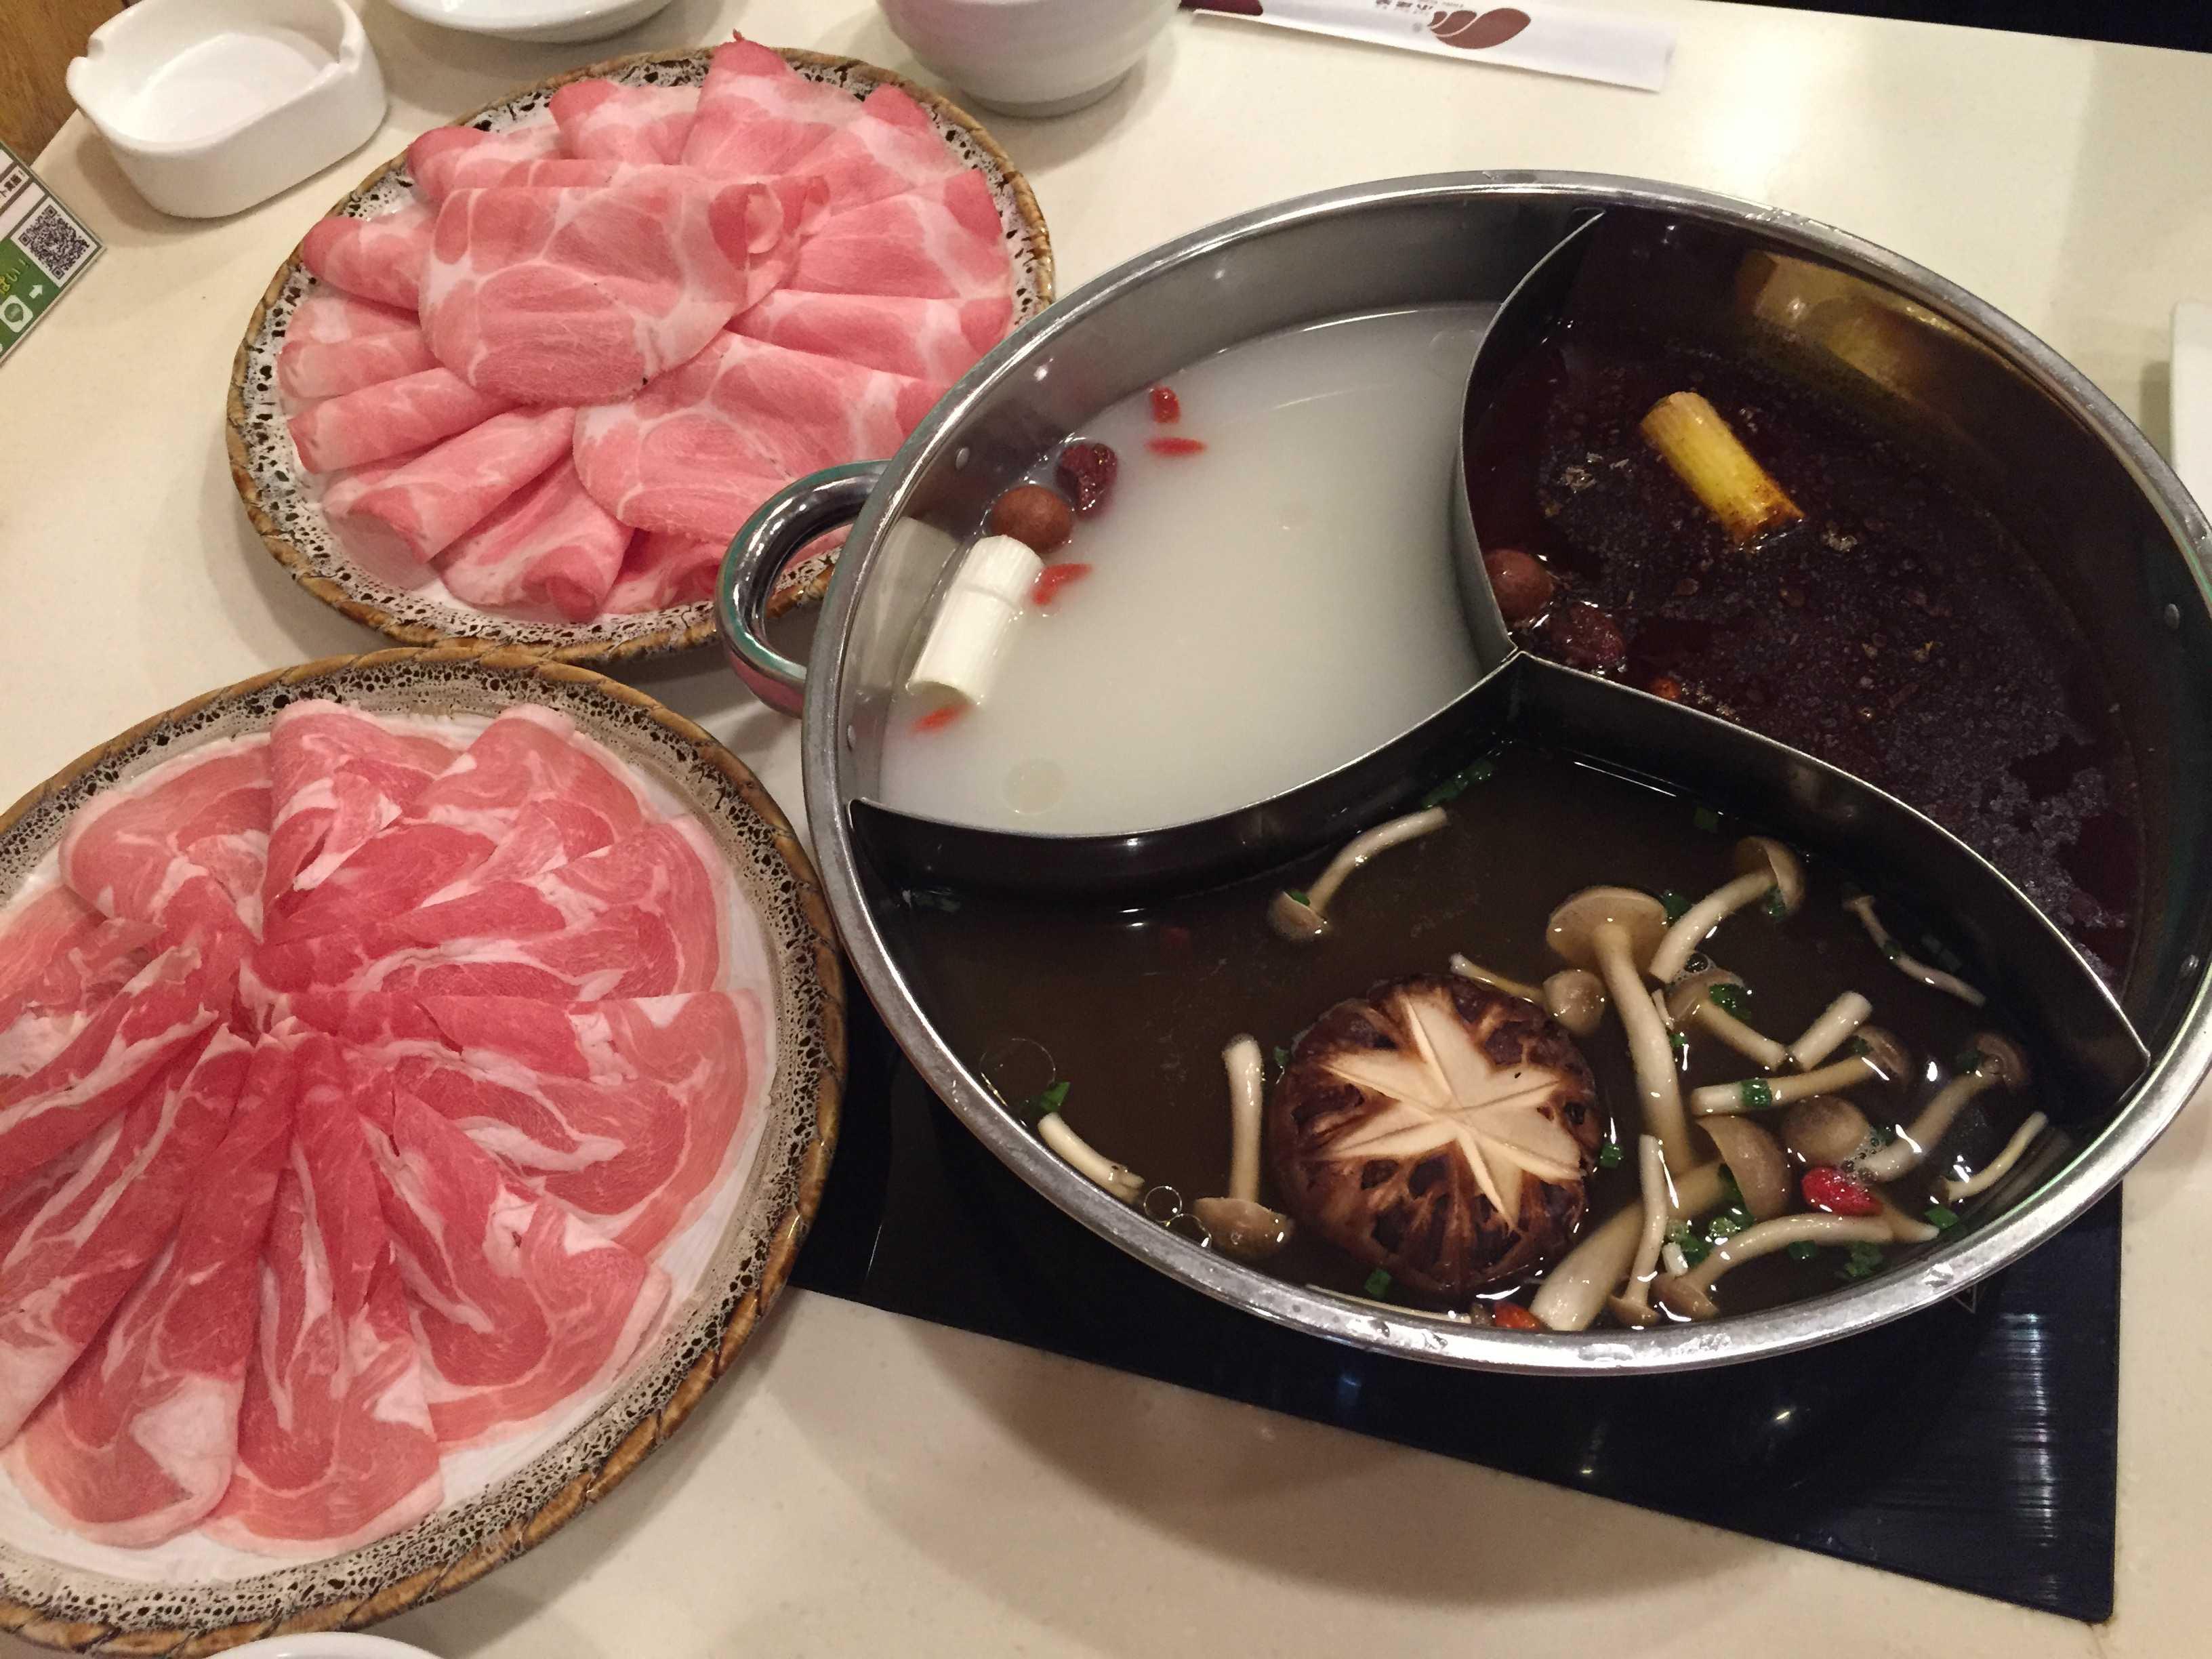 国産豚ロース、上ラムロース(羊肉) - 小尾羊 新大久保店